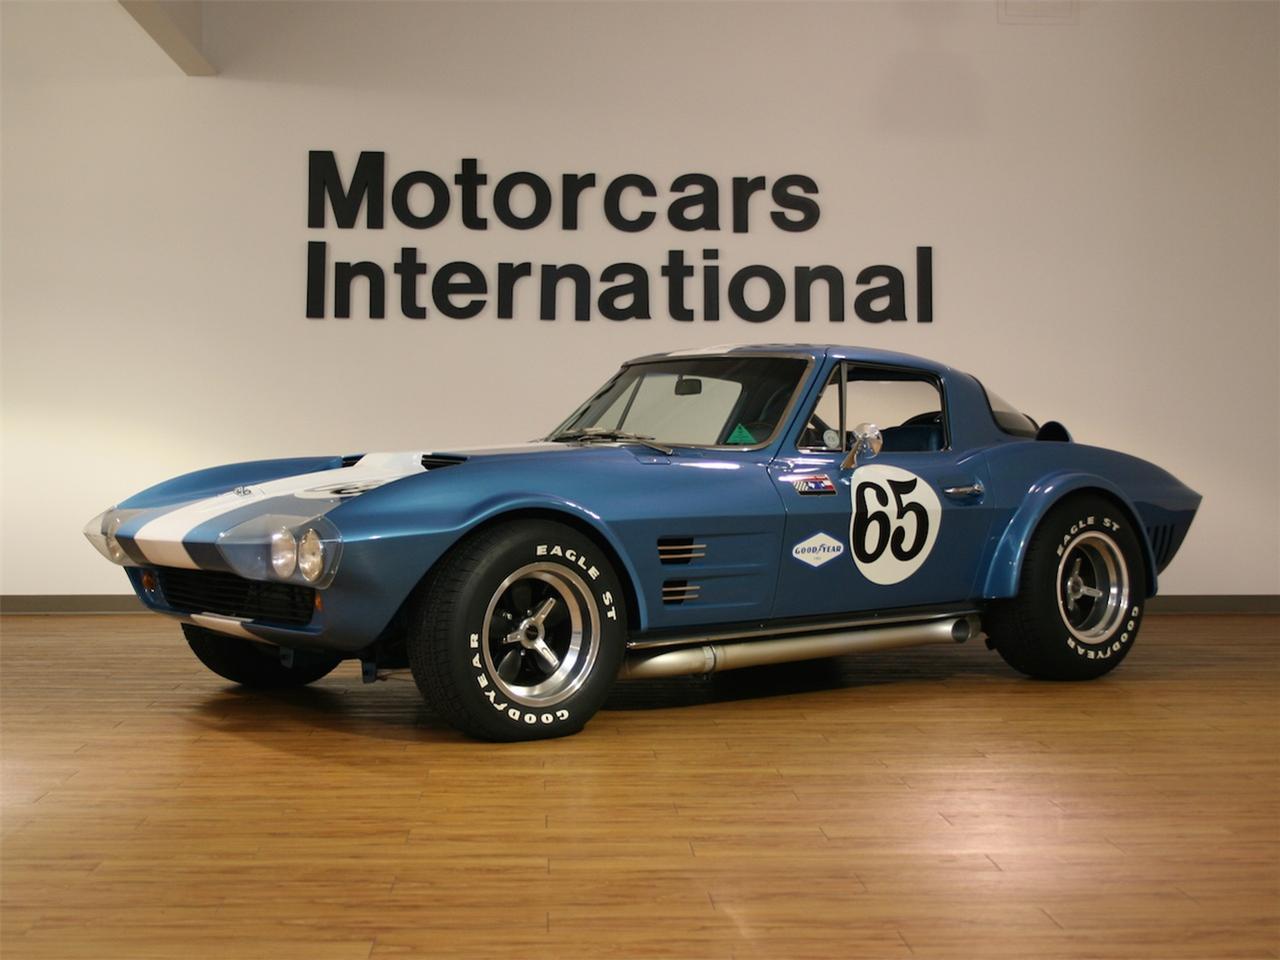 1965 Chevrolet Corvette Grand Sport Coupe